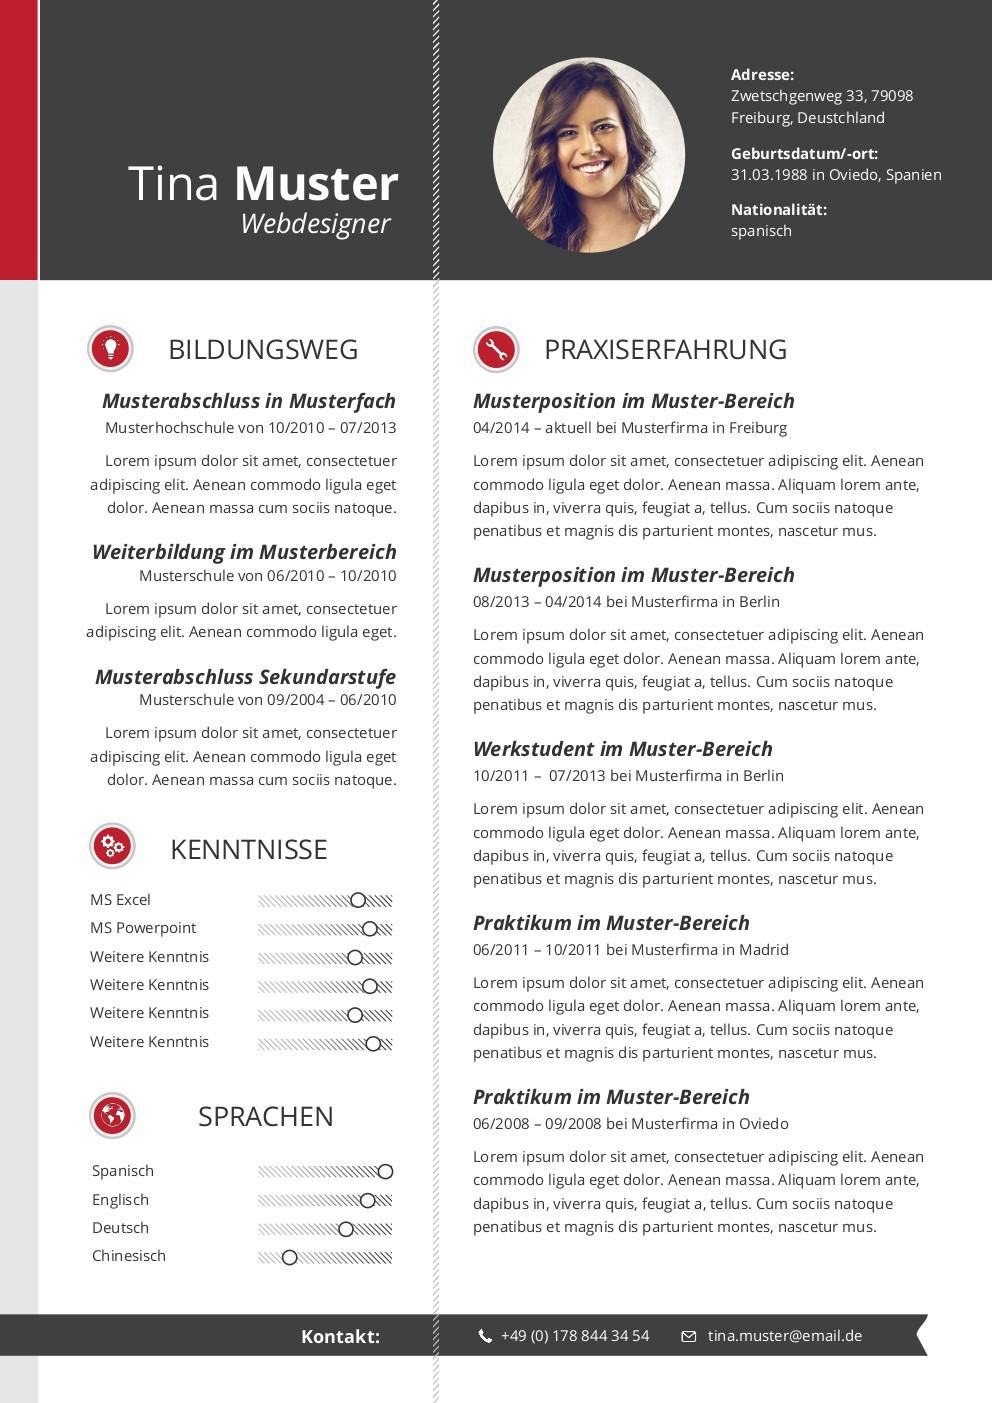 Berühmt Einen Lebenslauf Schreiben 2014 Bilder - Beispiel ...